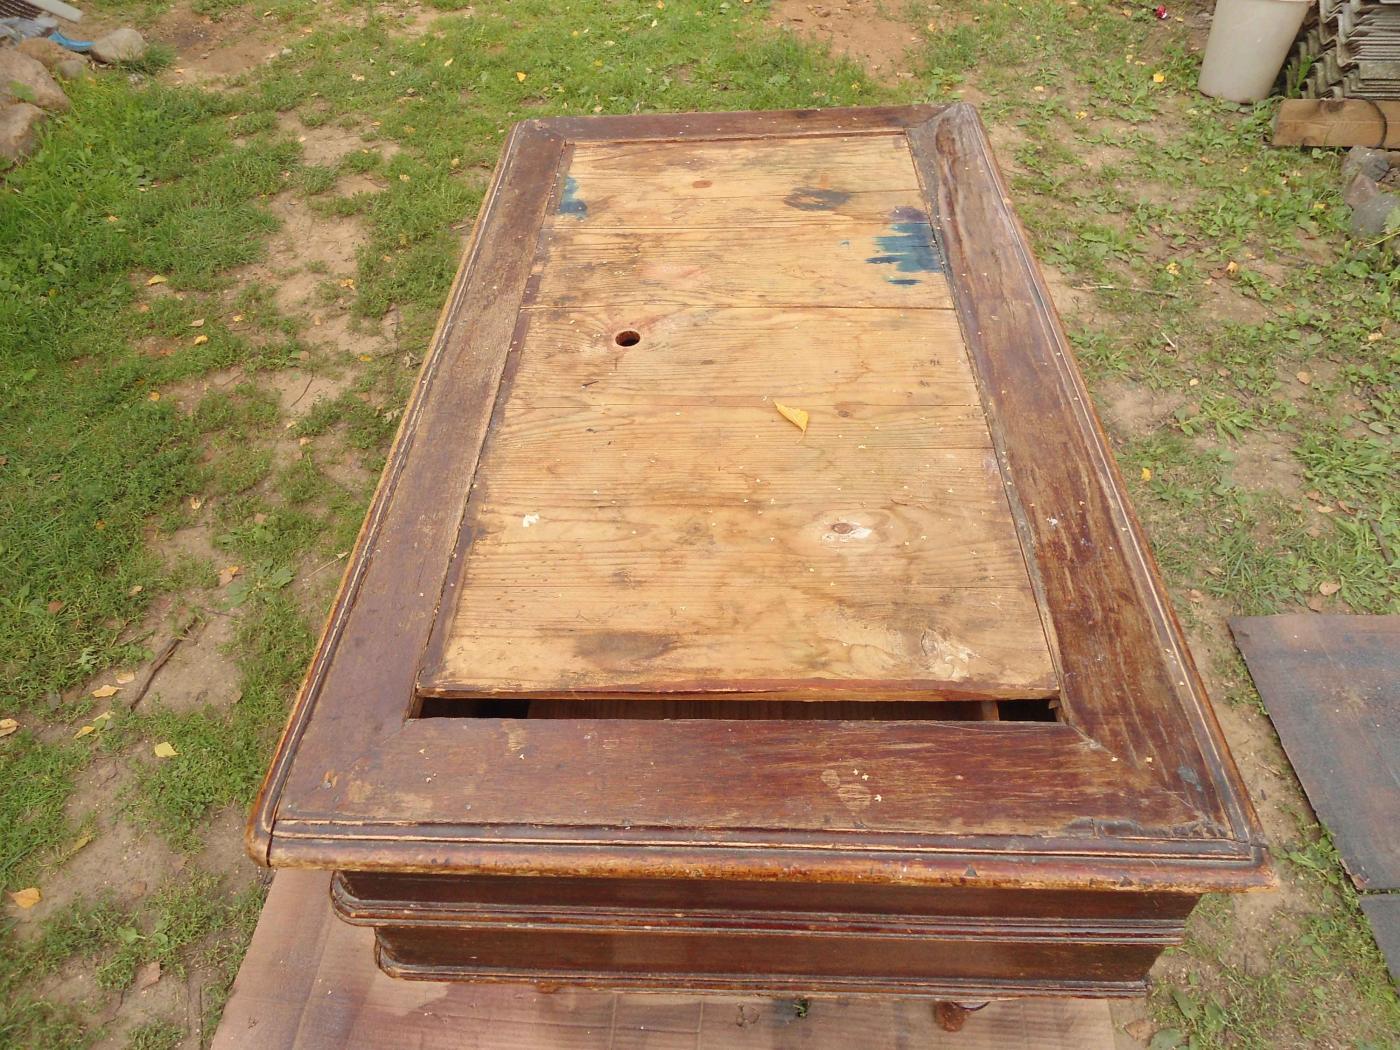 Столярные и плотницкие работы. Письпенный стол. Реставрация